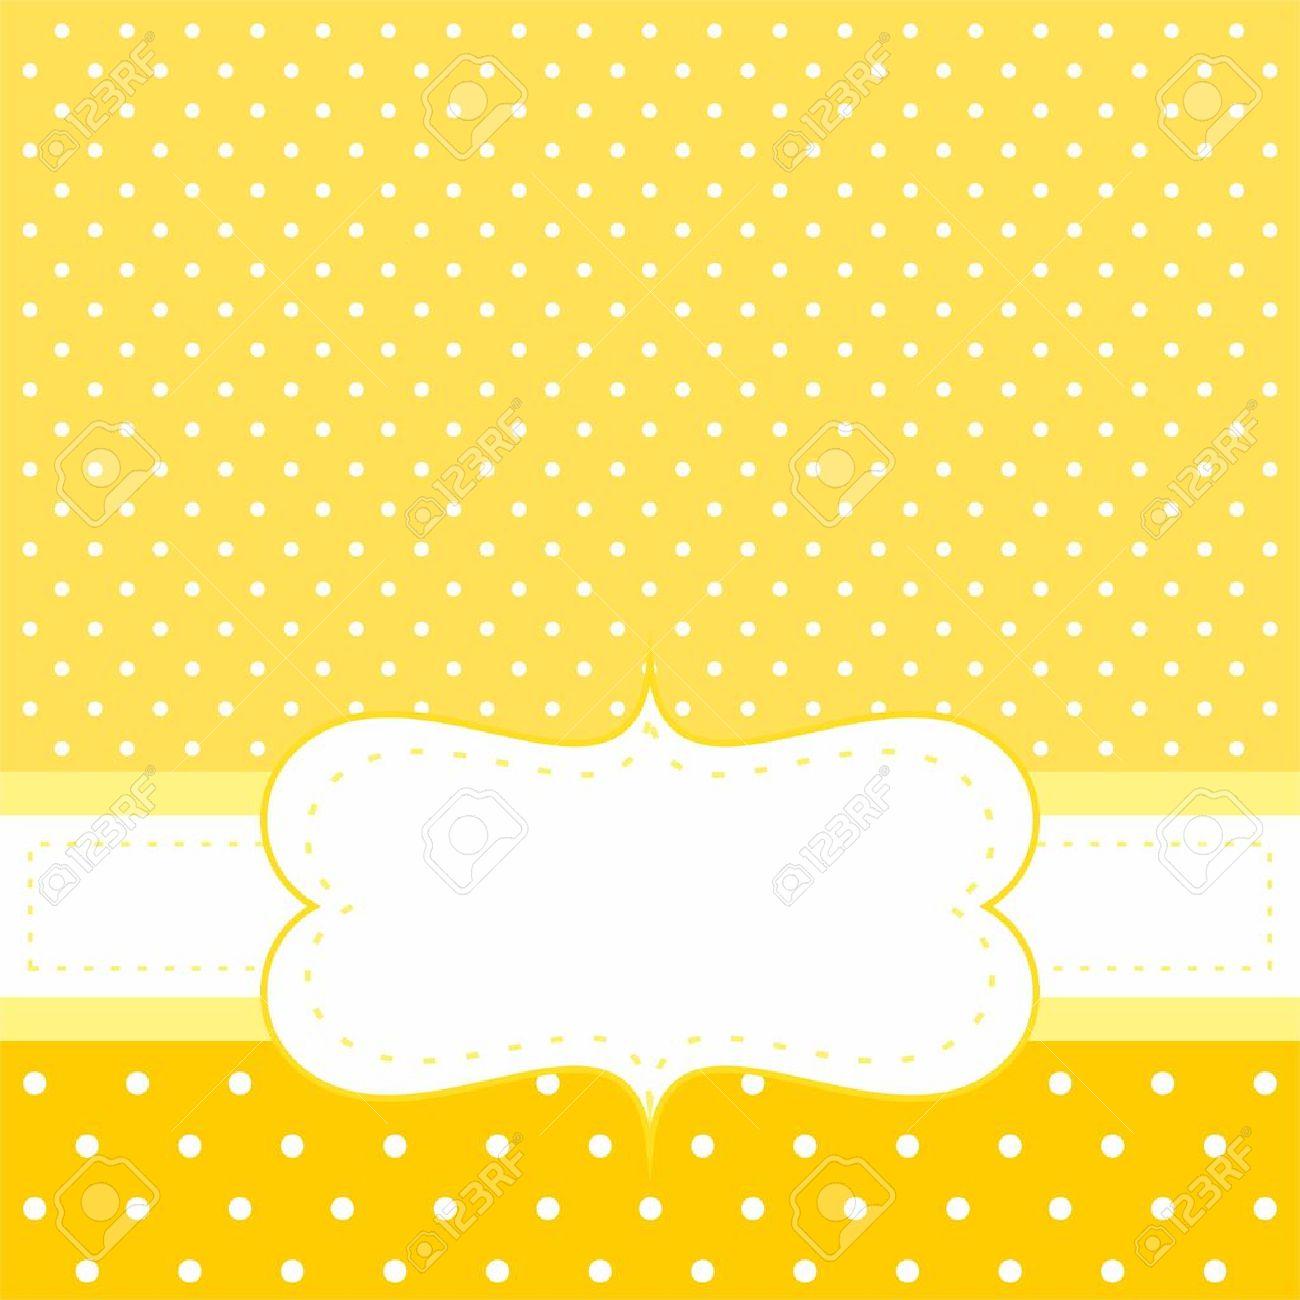 Dulce Invitacion O Tarjeta Con Lunares Blancos Sobre Fondo Amarillo - Espacio-en-blanco-html